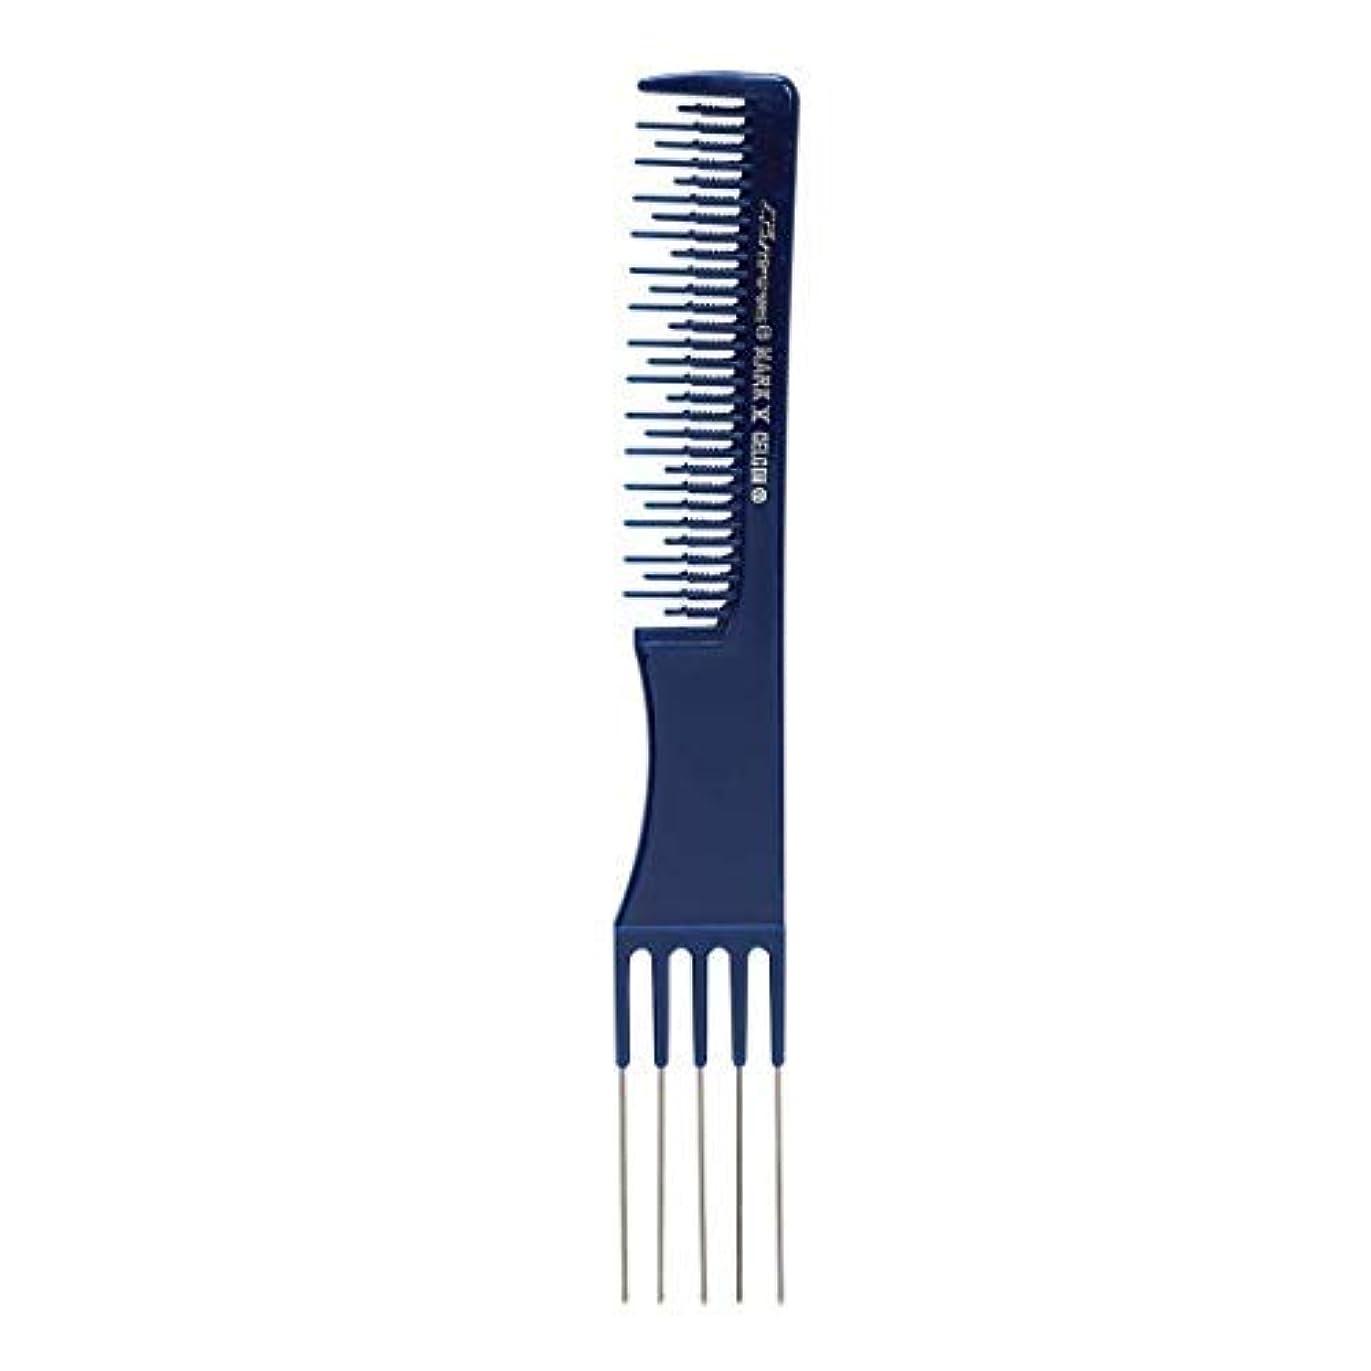 の前で一般的なを除くComare Mark V Steel Lift Comb [並行輸入品]